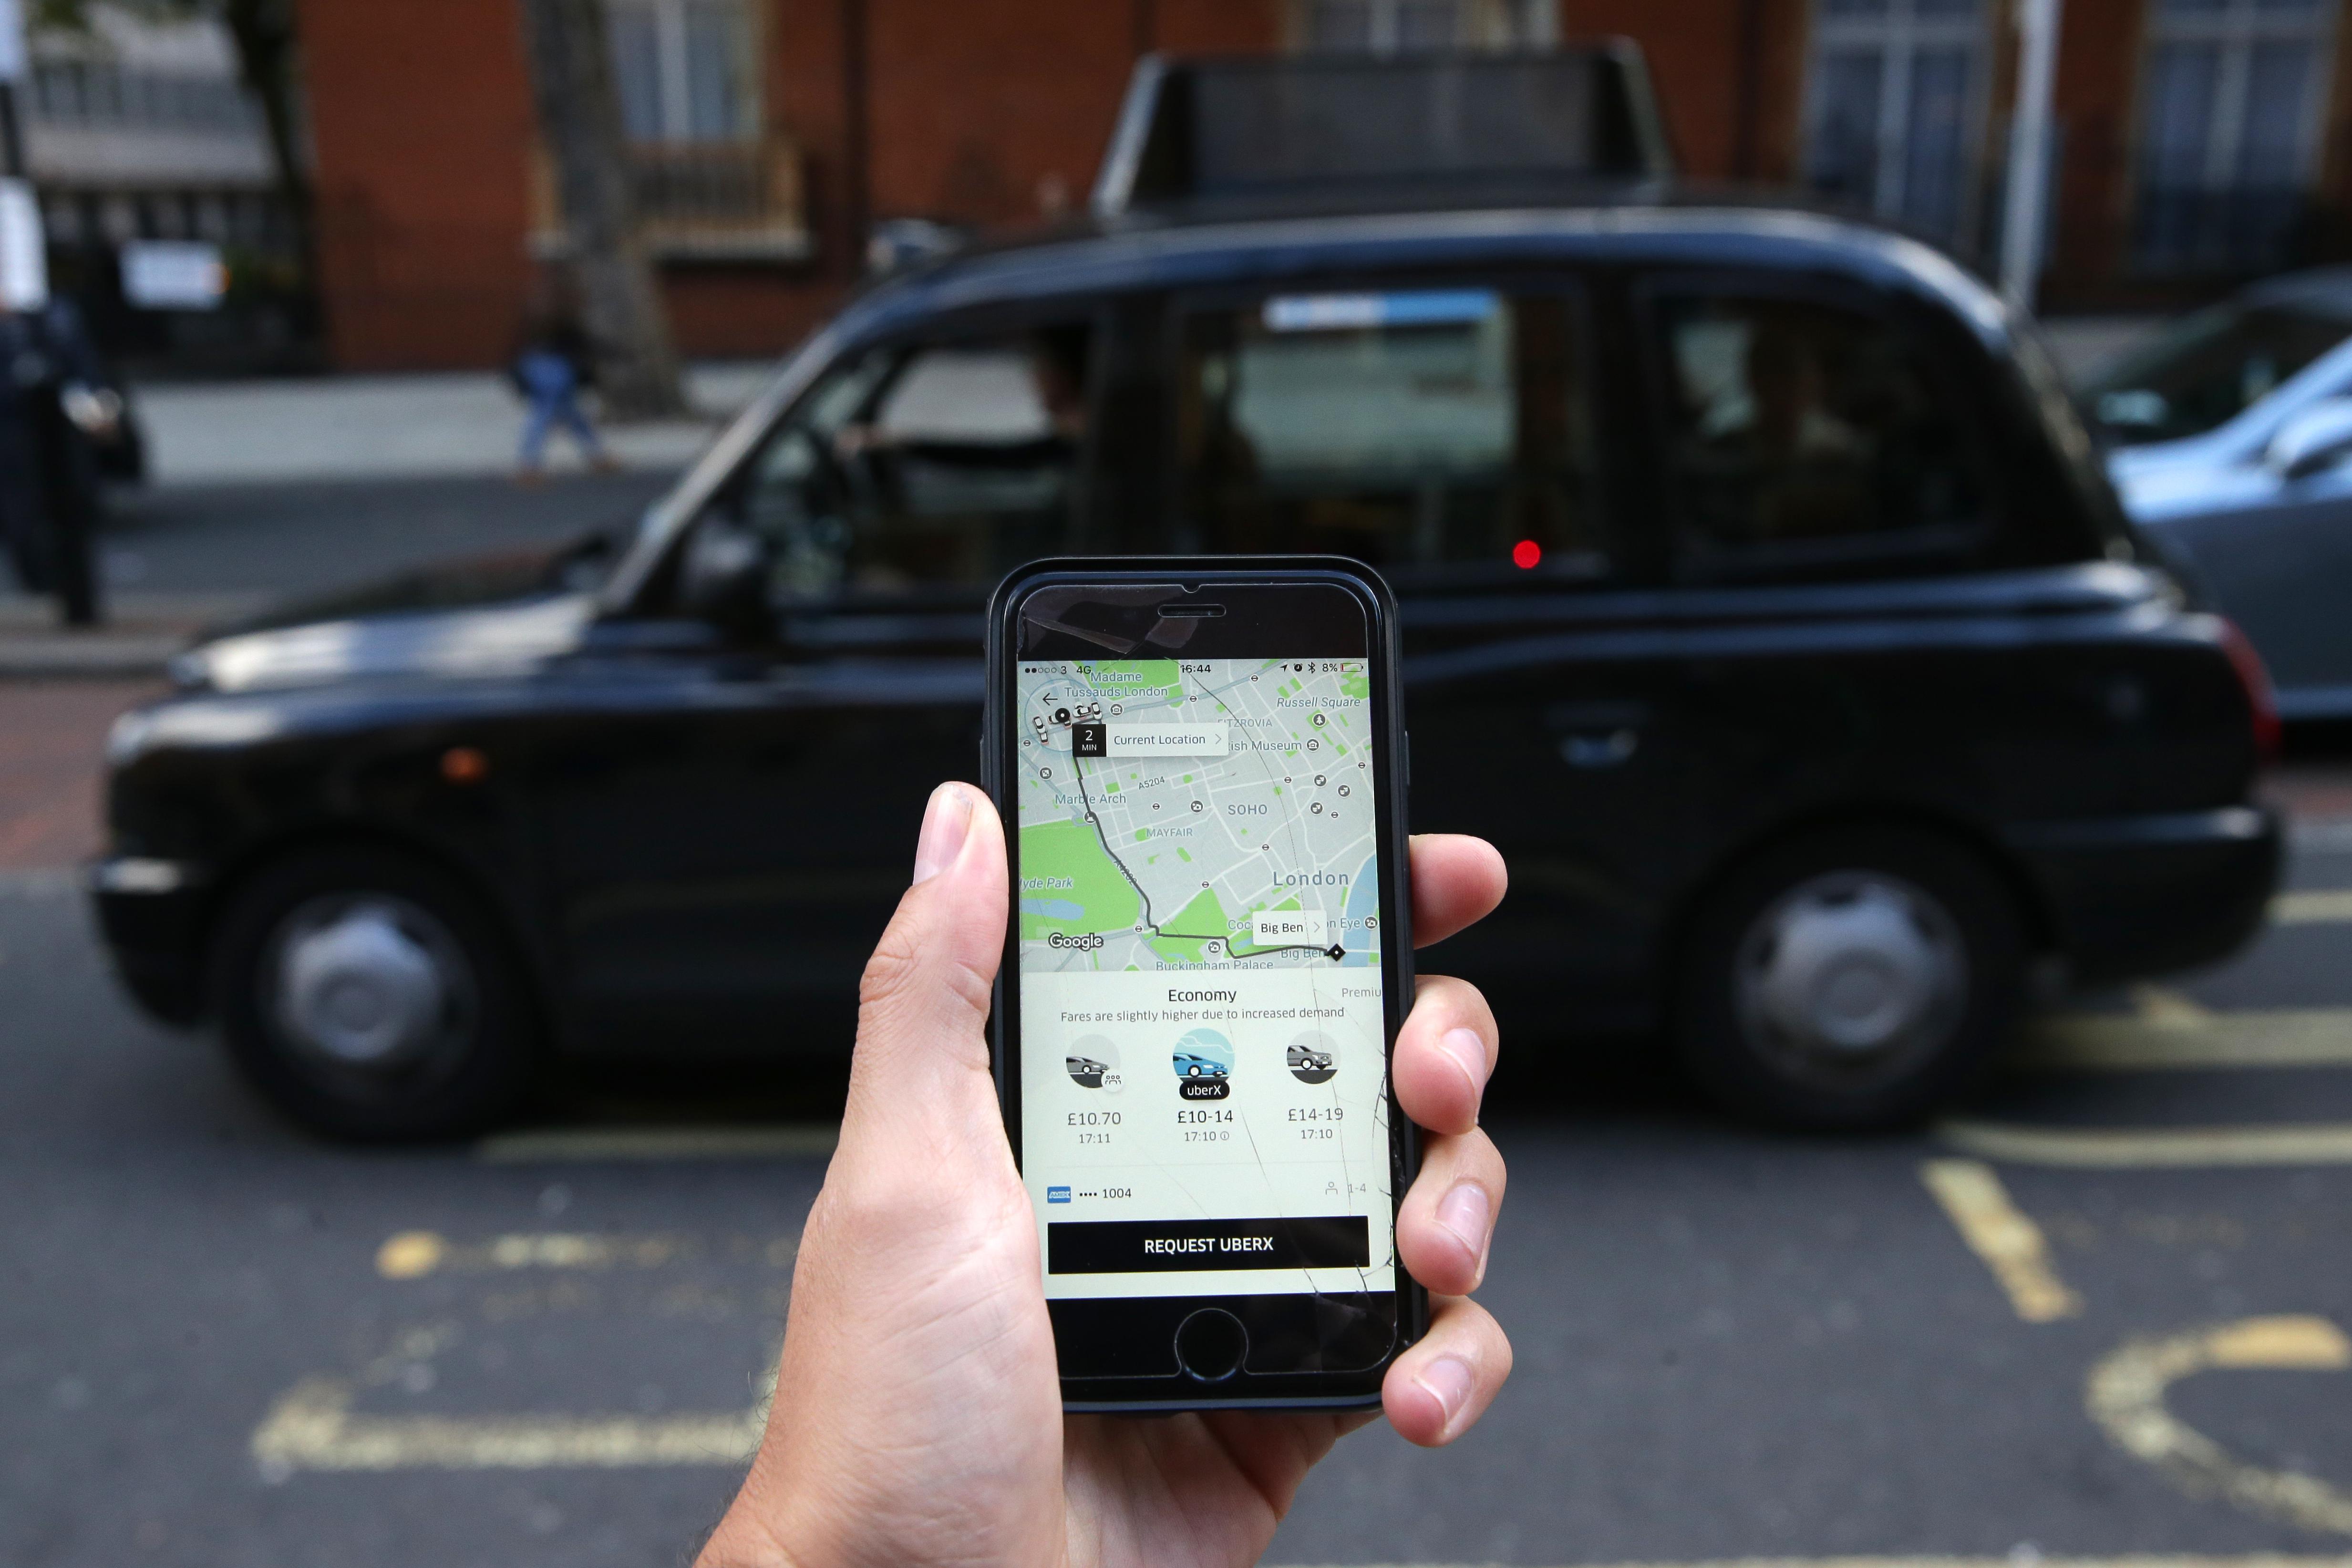 Egykori brit sofőrjei perlik az Ubert, mert szerintük egy algoritmus rúgta ki őket